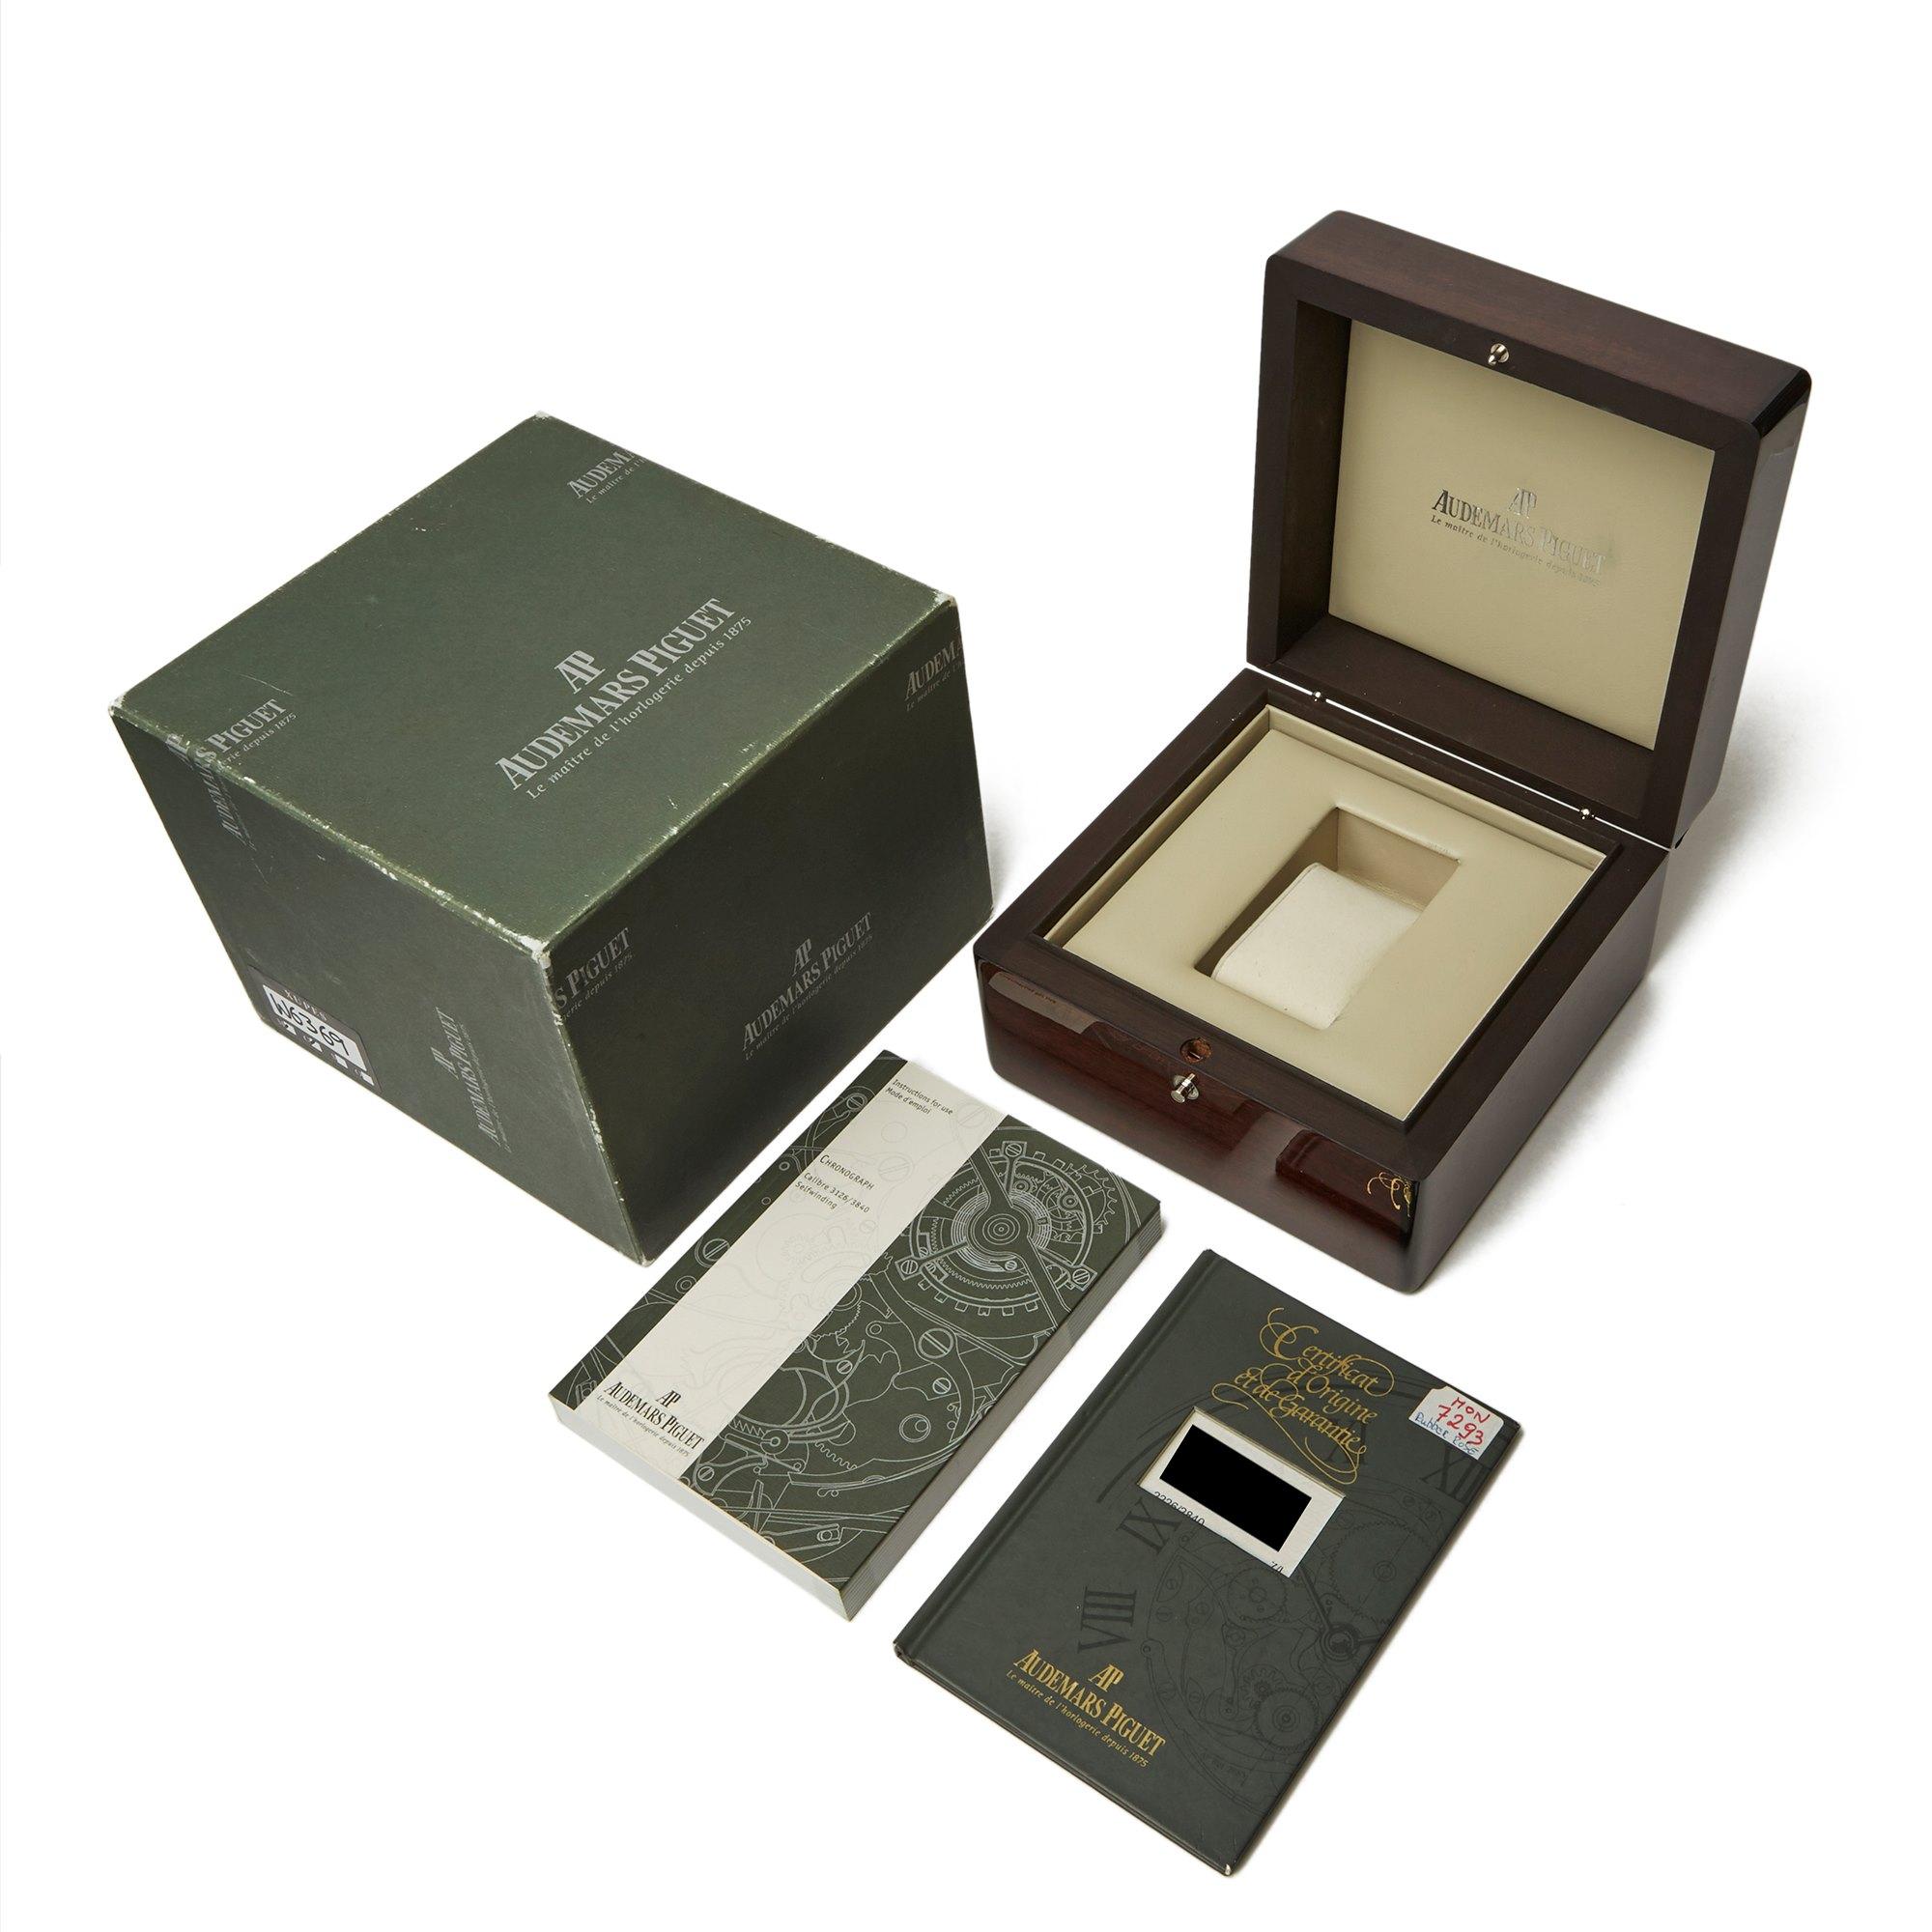 Audemars Piguet Royal Oak Offshore Rubber Clad Chronograph 18K Rose Gold & Rubber Clad 25940OK/O/002CA/01